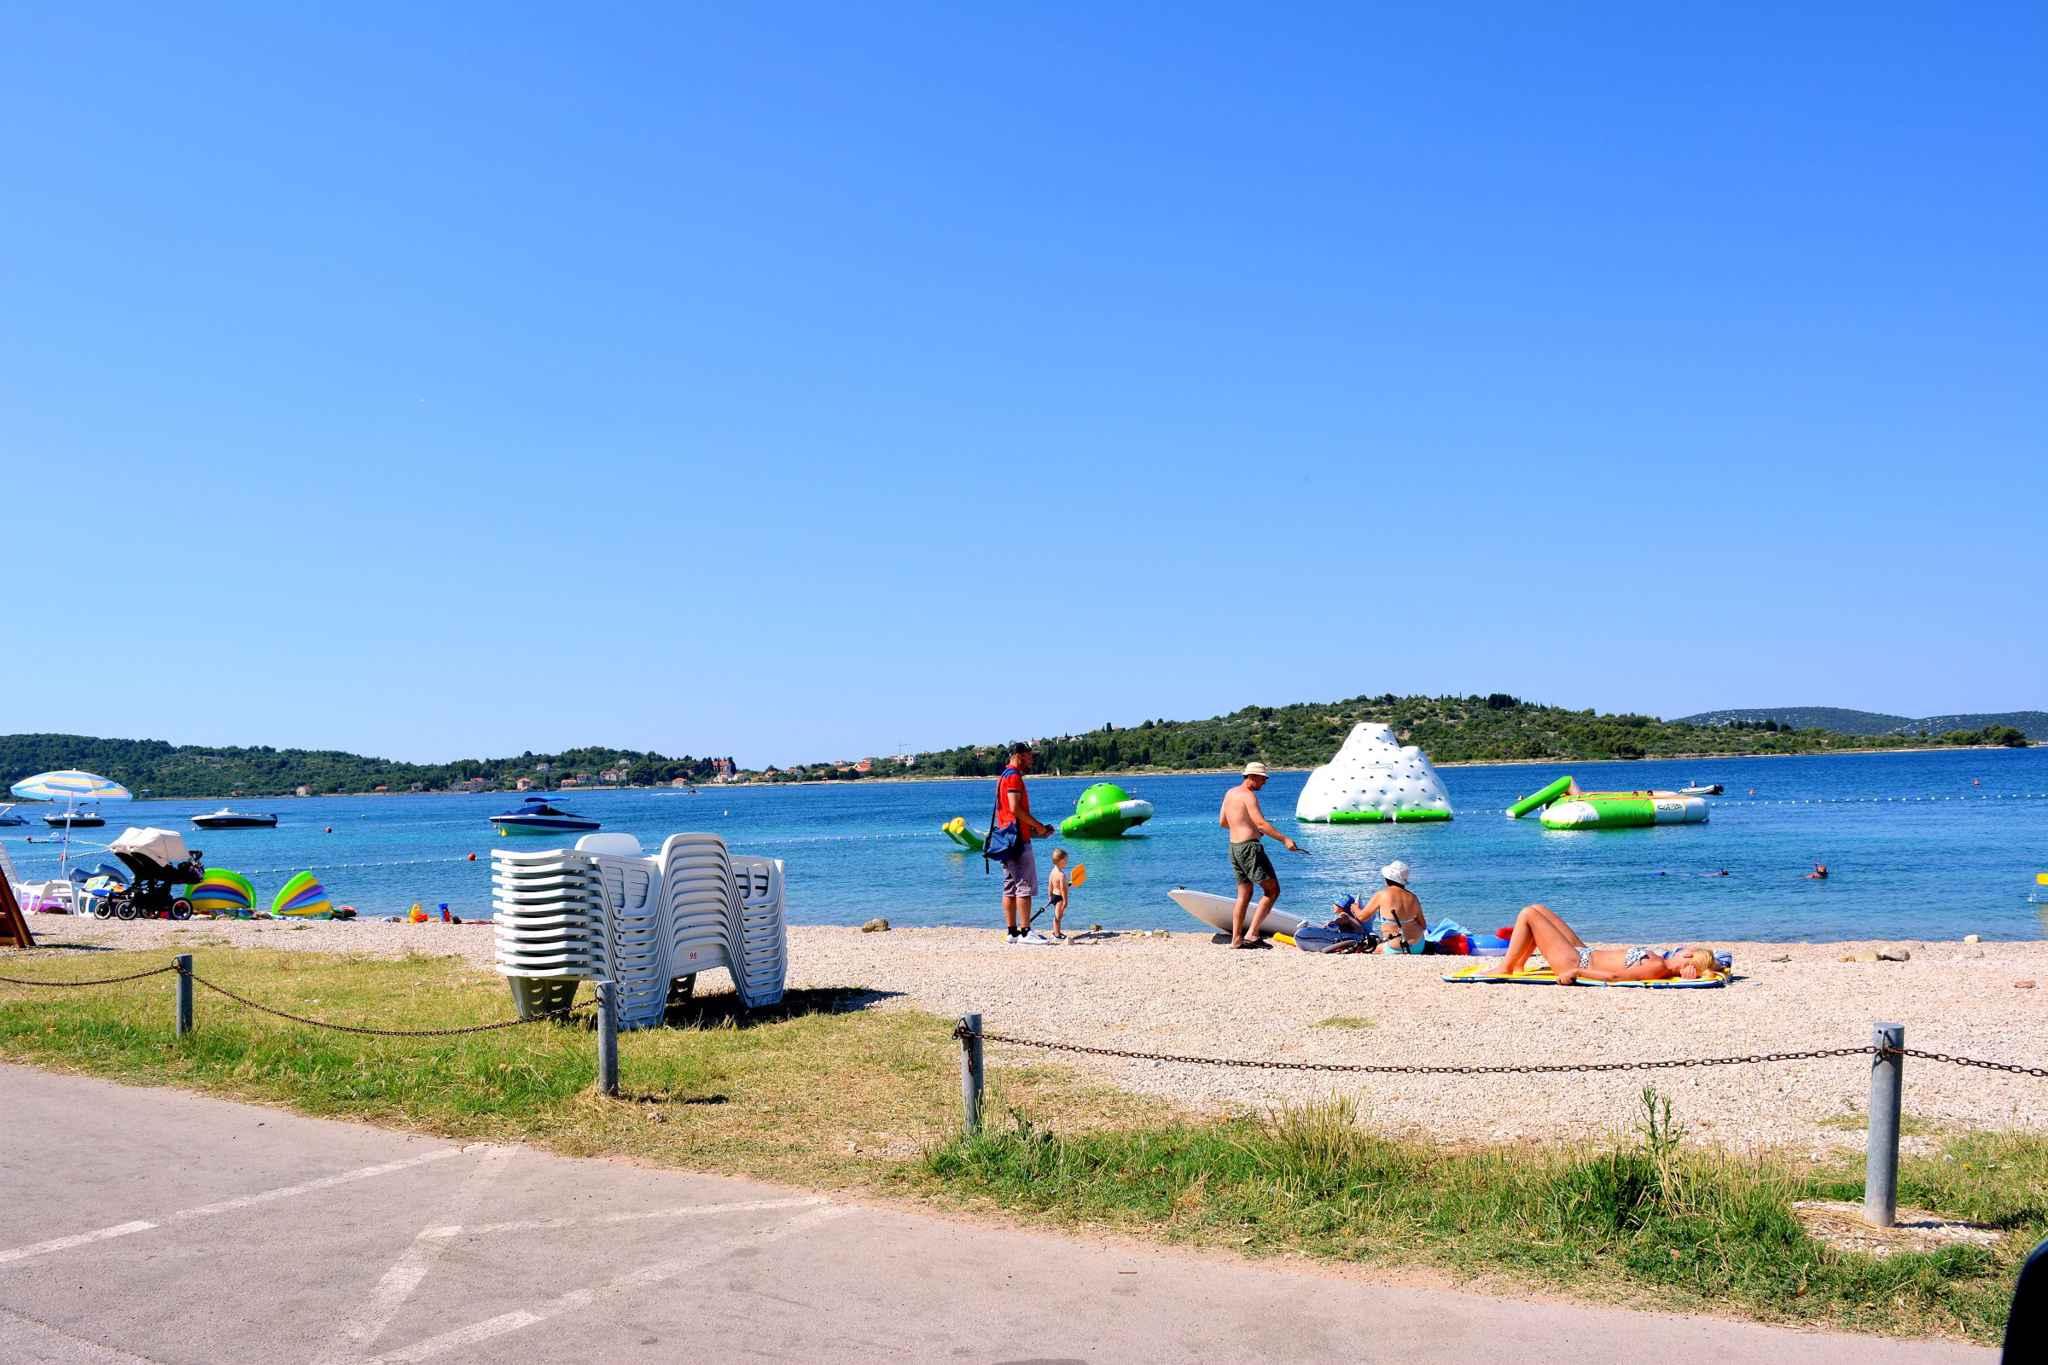 Ferienwohnung mit Internet in der Nähe der Adria (278861), Vodice, , Dalmatien, Kroatien, Bild 8